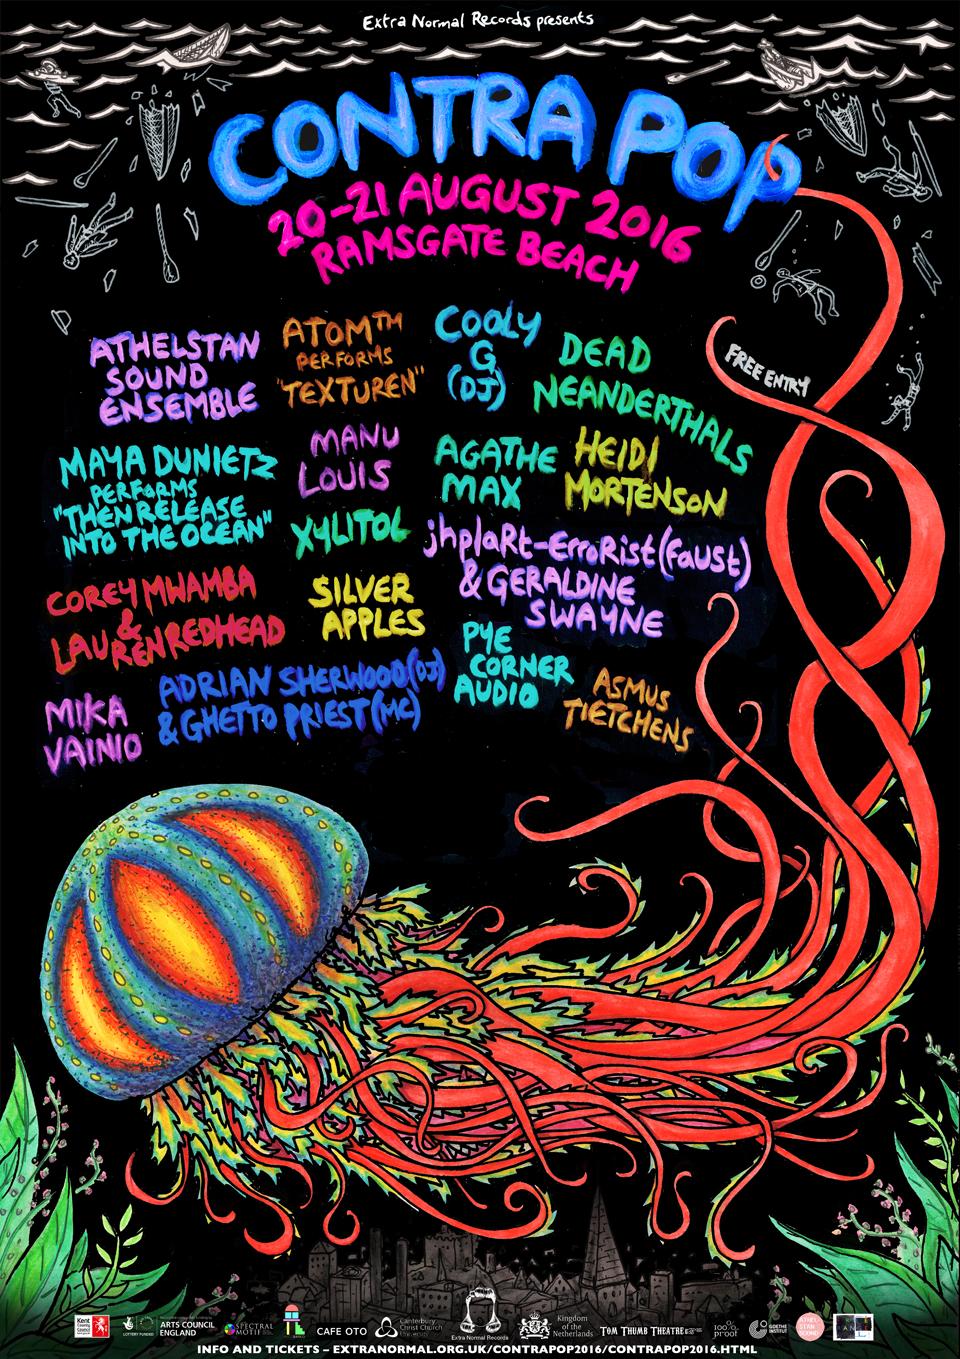 Poster design for Contra Pop Festival, 2016